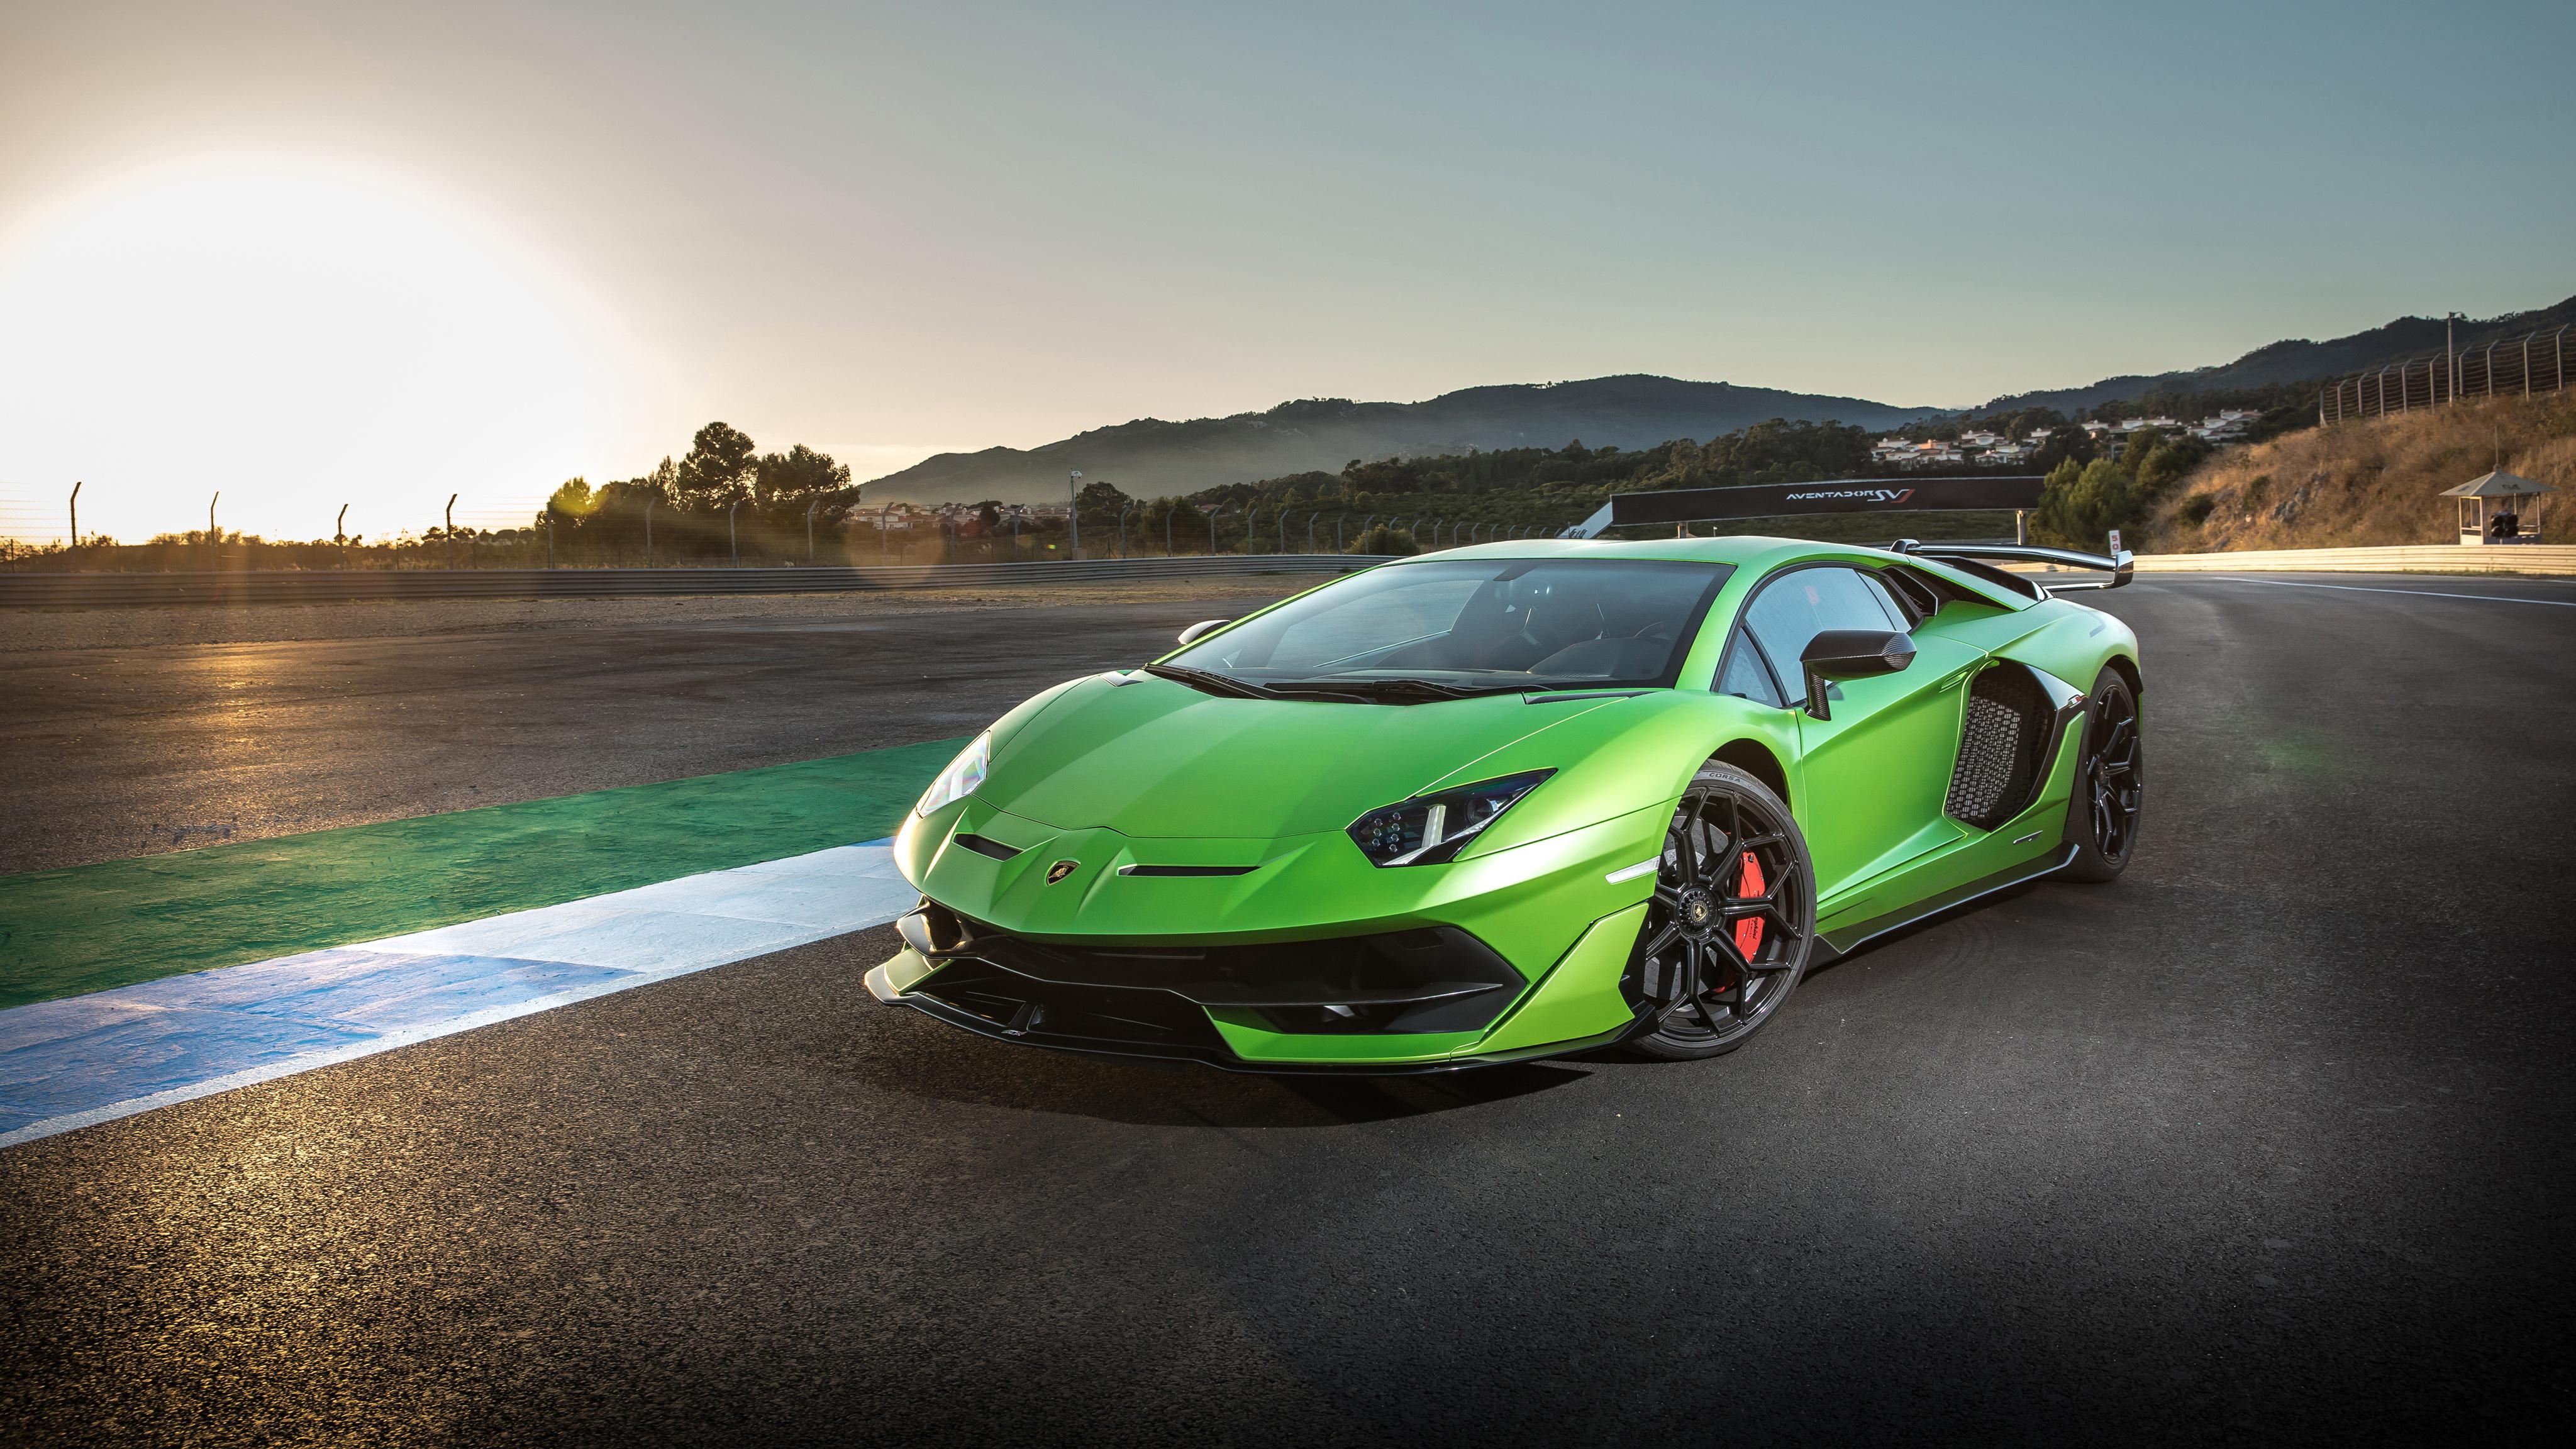 Lamborghini Aventador Green 4k Hd Cars 4k Wallpapers: Lamborghini Aventador SVJ 2018 4K 3 Wallpaper